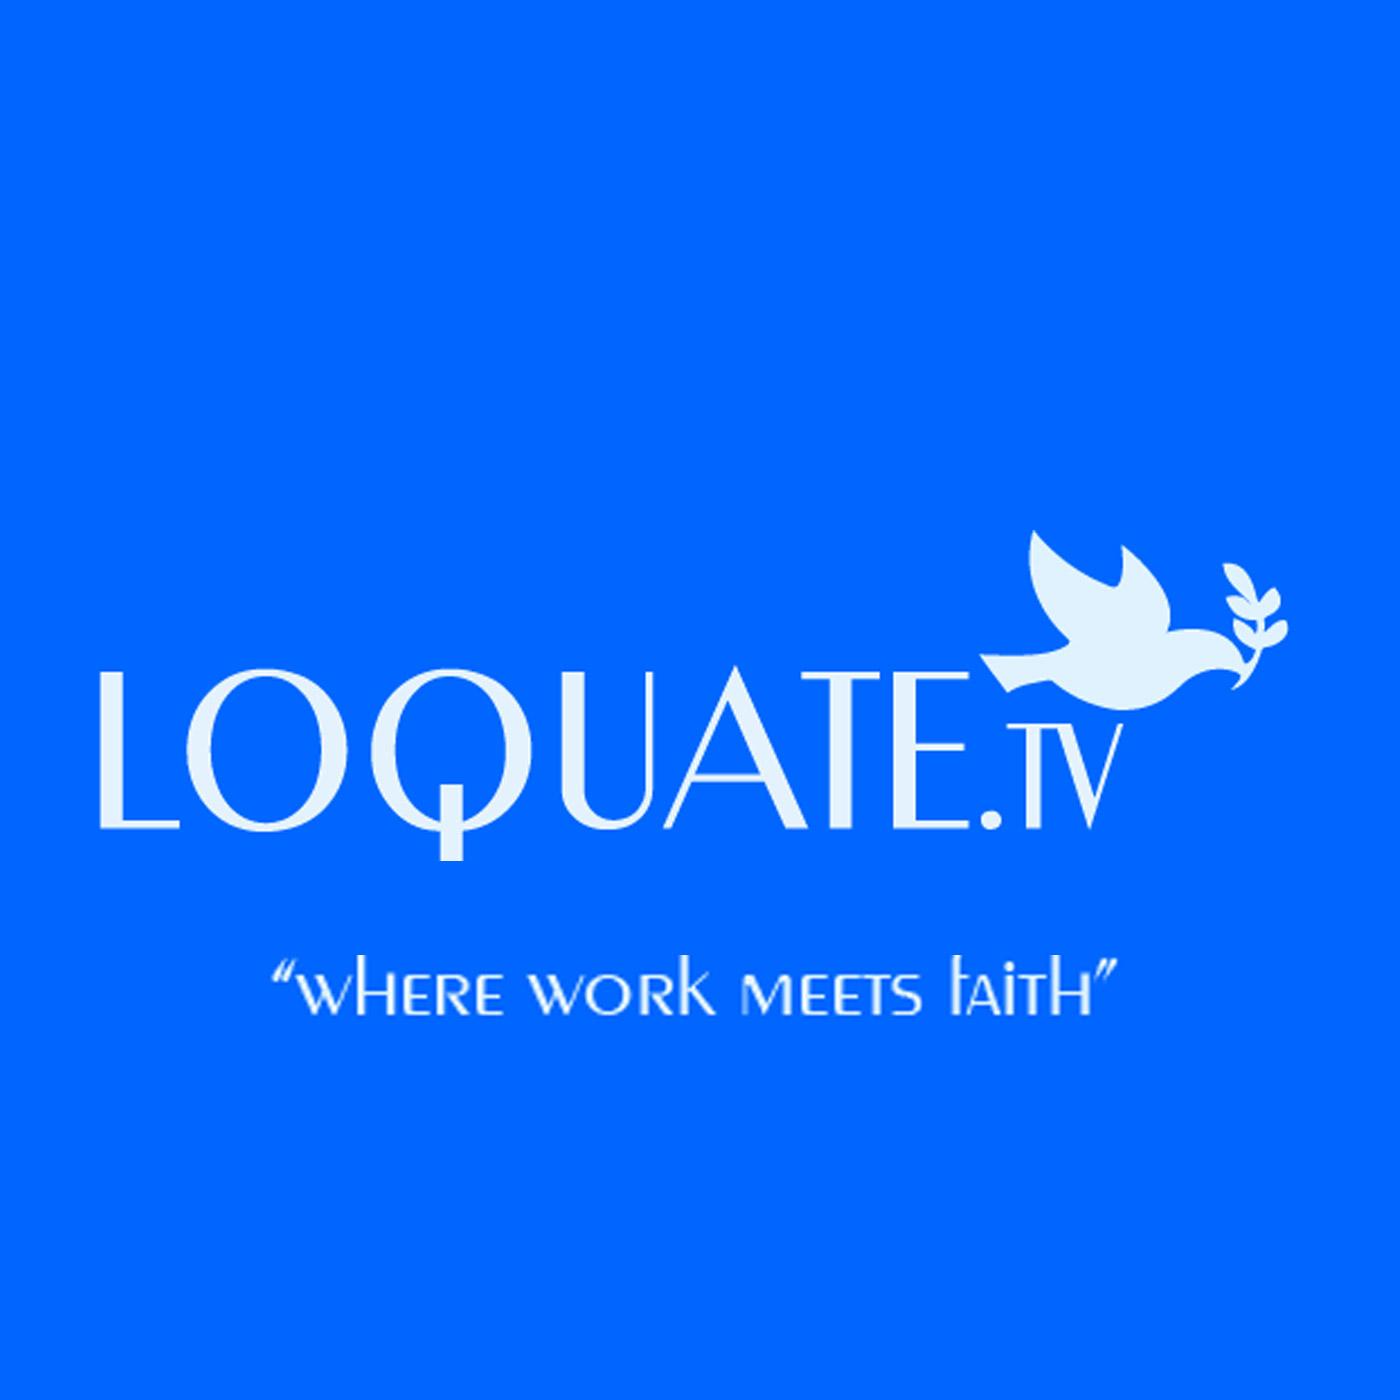 Loquate.tv